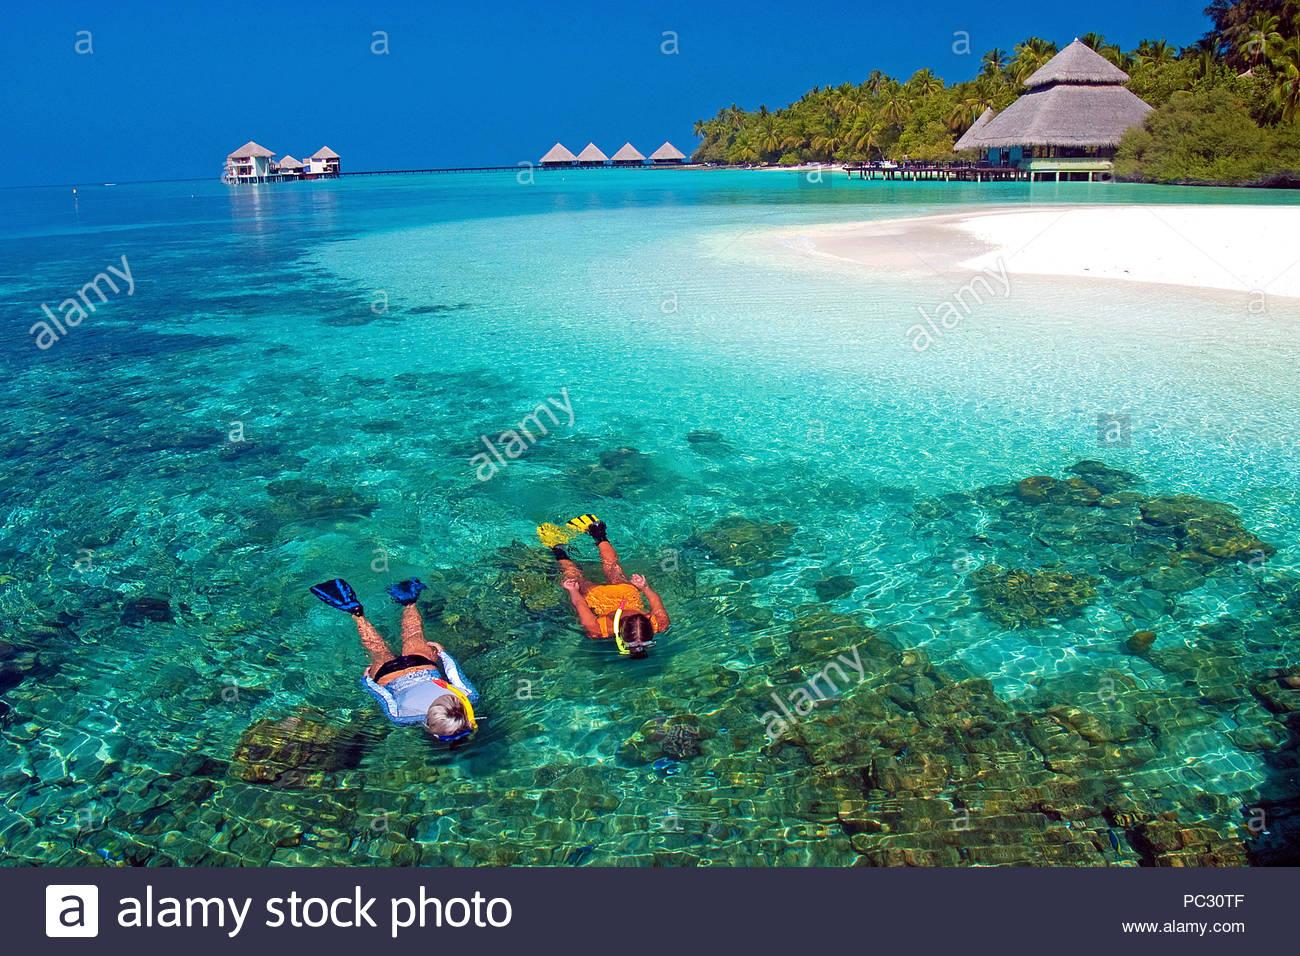 اجمل شاطئ في العالم 29